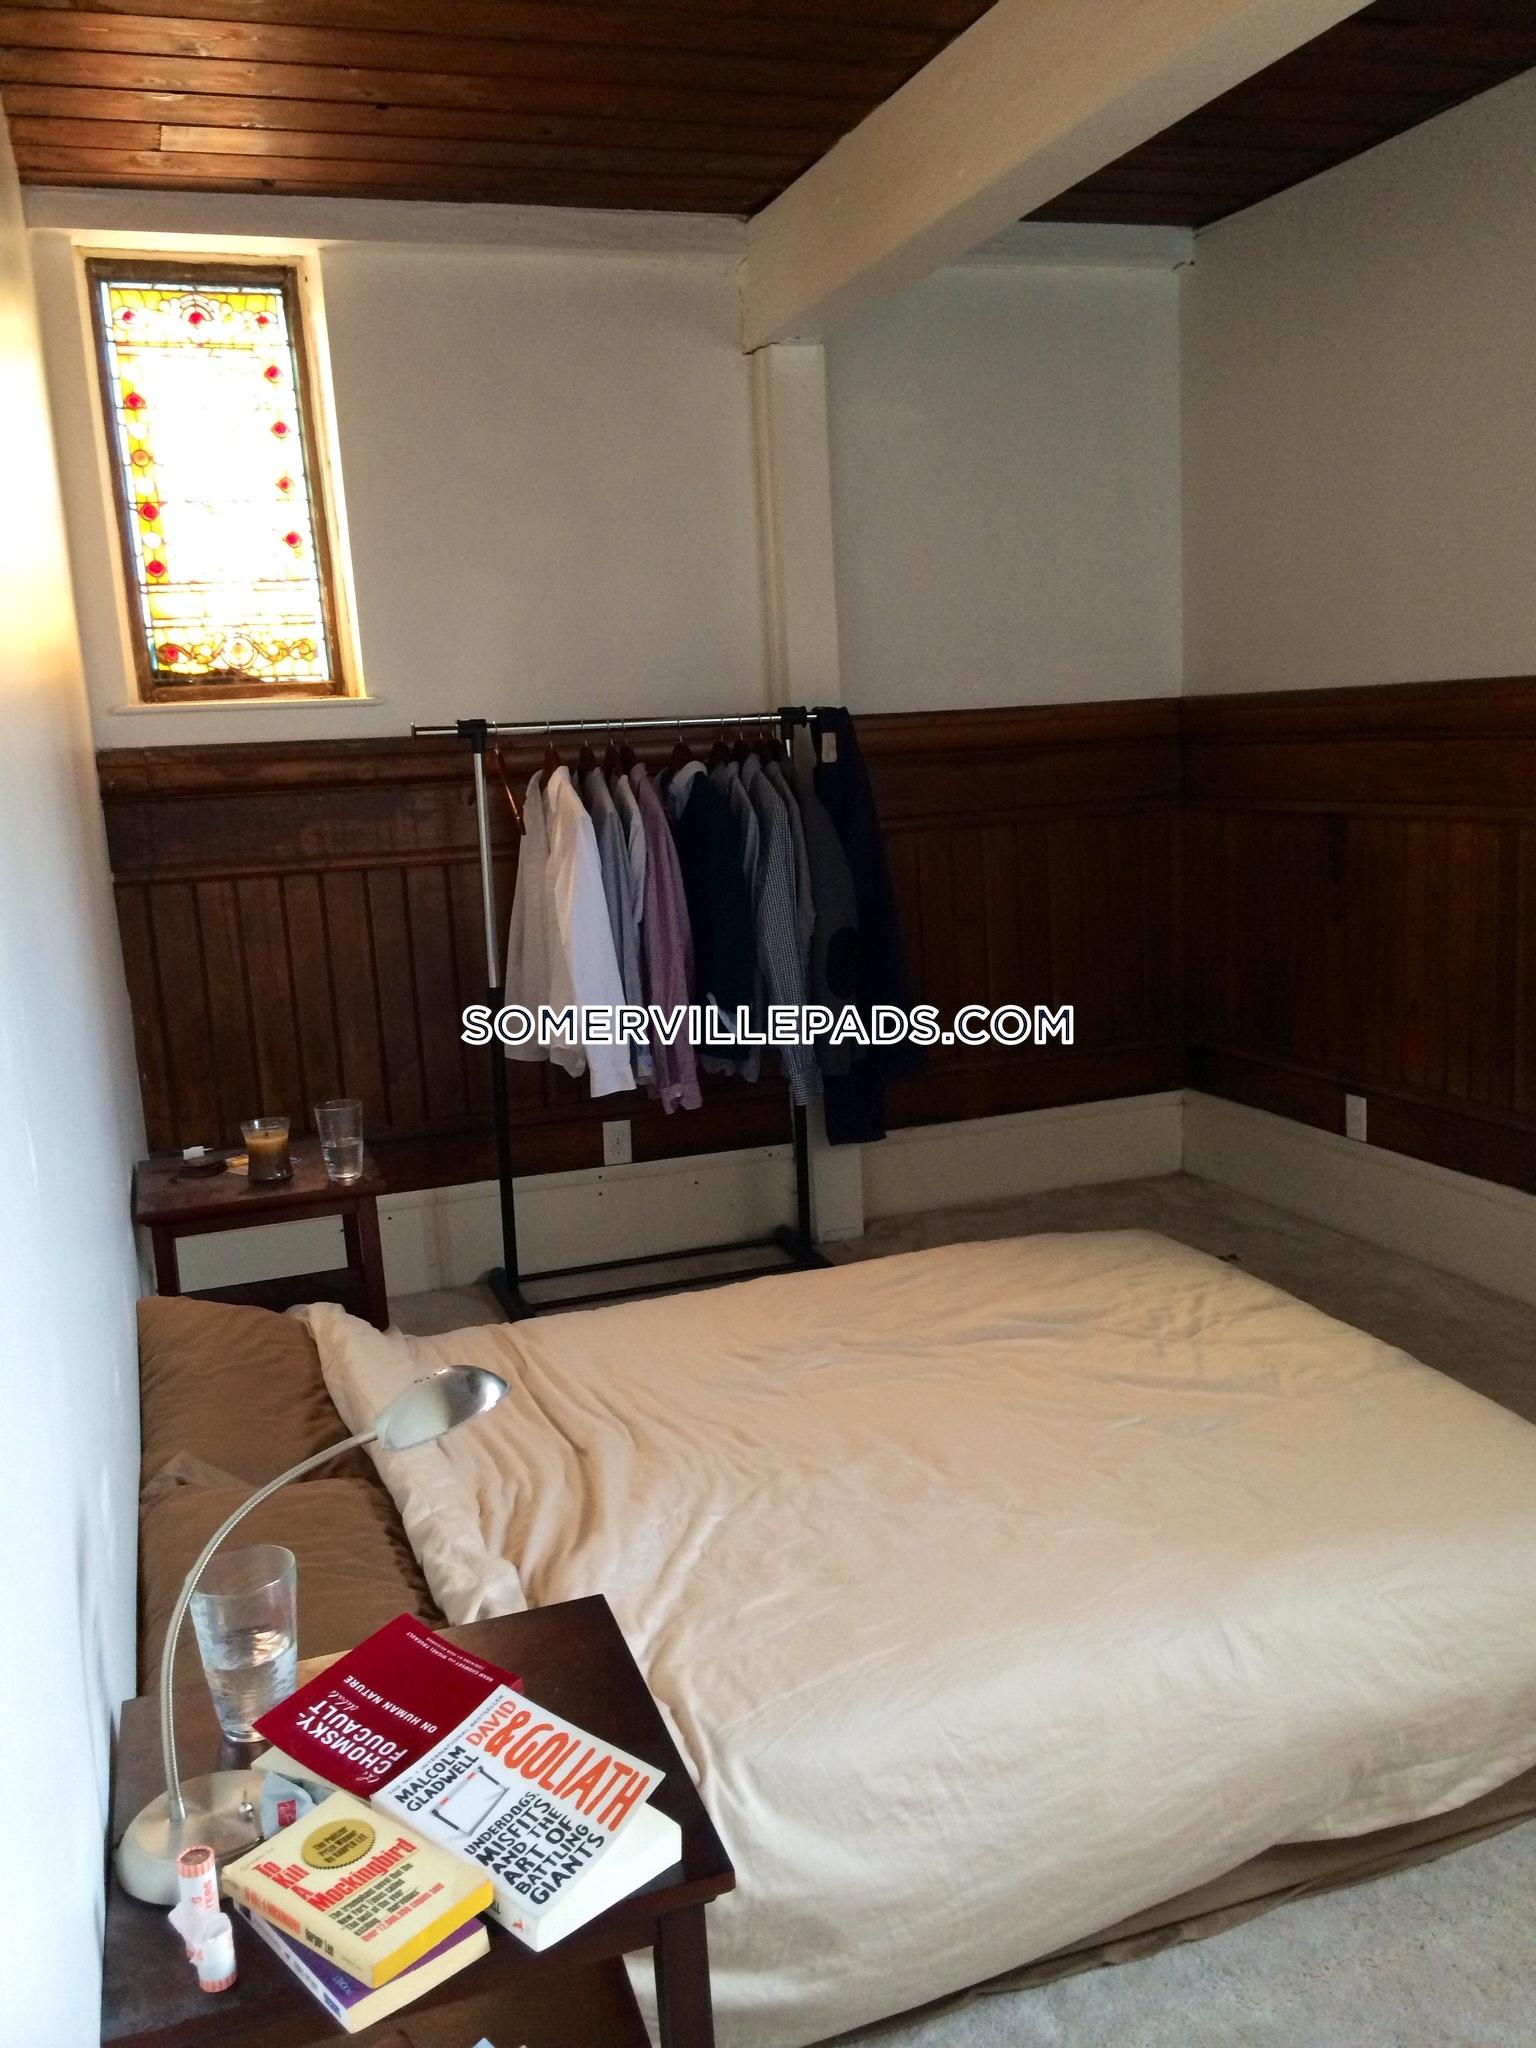 3-beds-15-baths-somerville-union-square-3300-433321